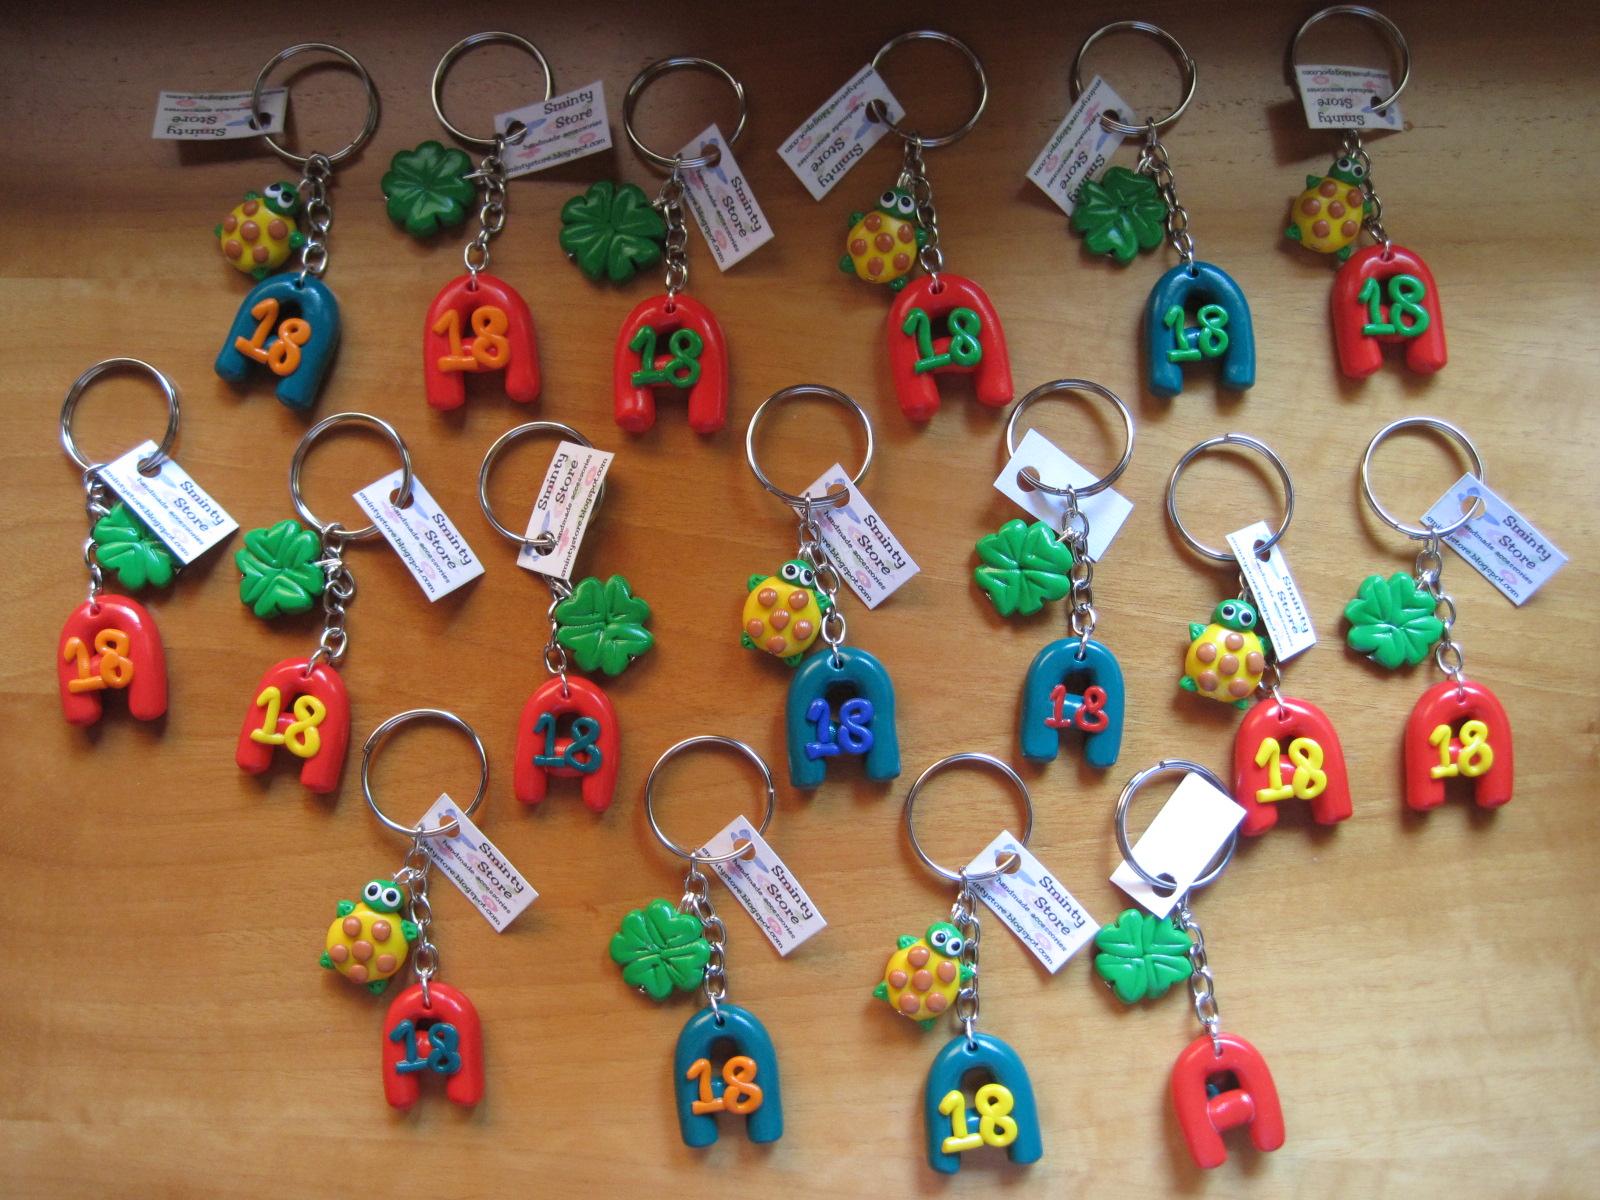 Amato Sminty Store: Bomboniere per compleanno di 18 anni, portachiave  QC24